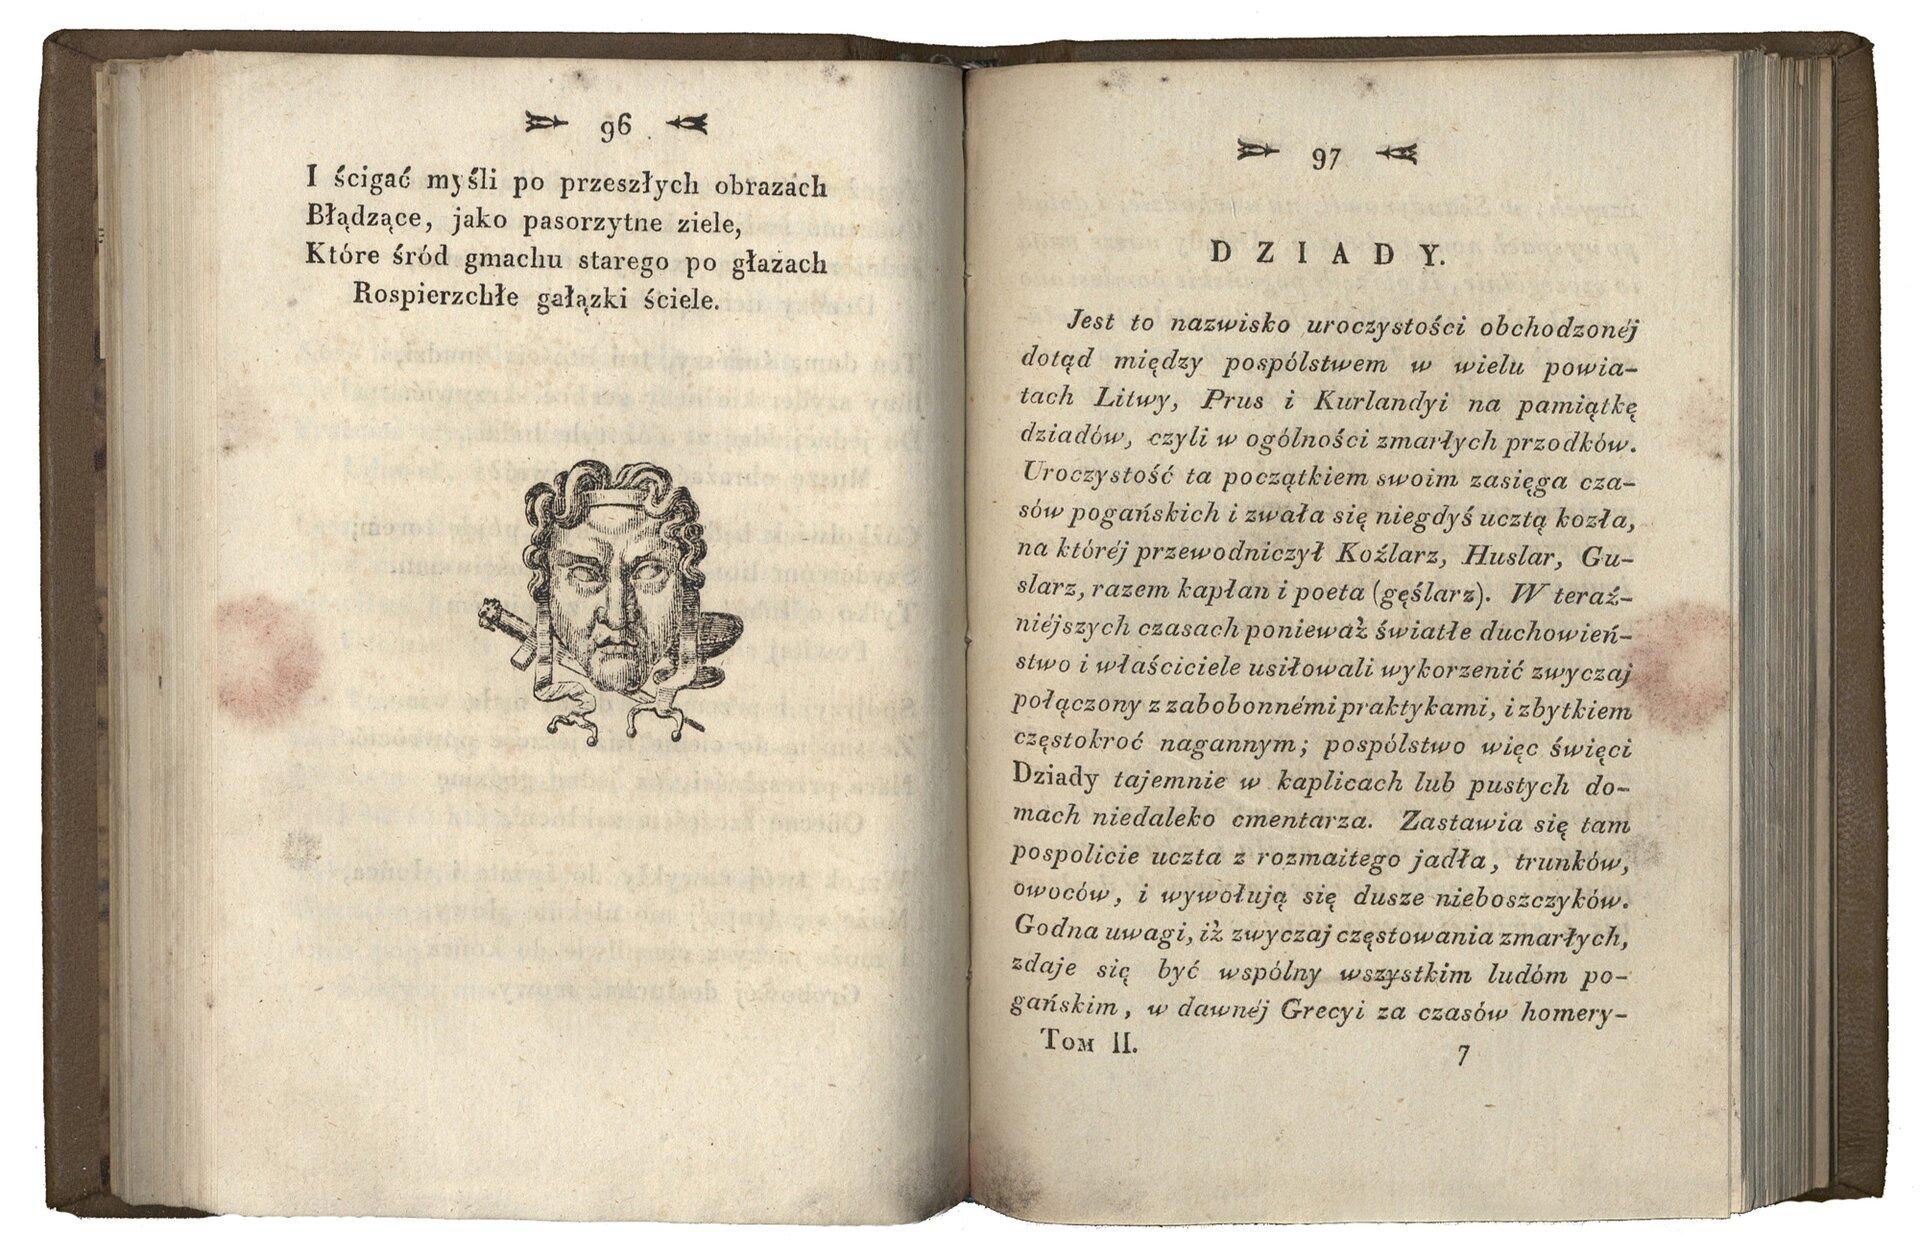 Poezye, t. 2 Źródło: Adam Mickiewicz, Poezye, t. 2, Wilno 1823, domena publiczna.